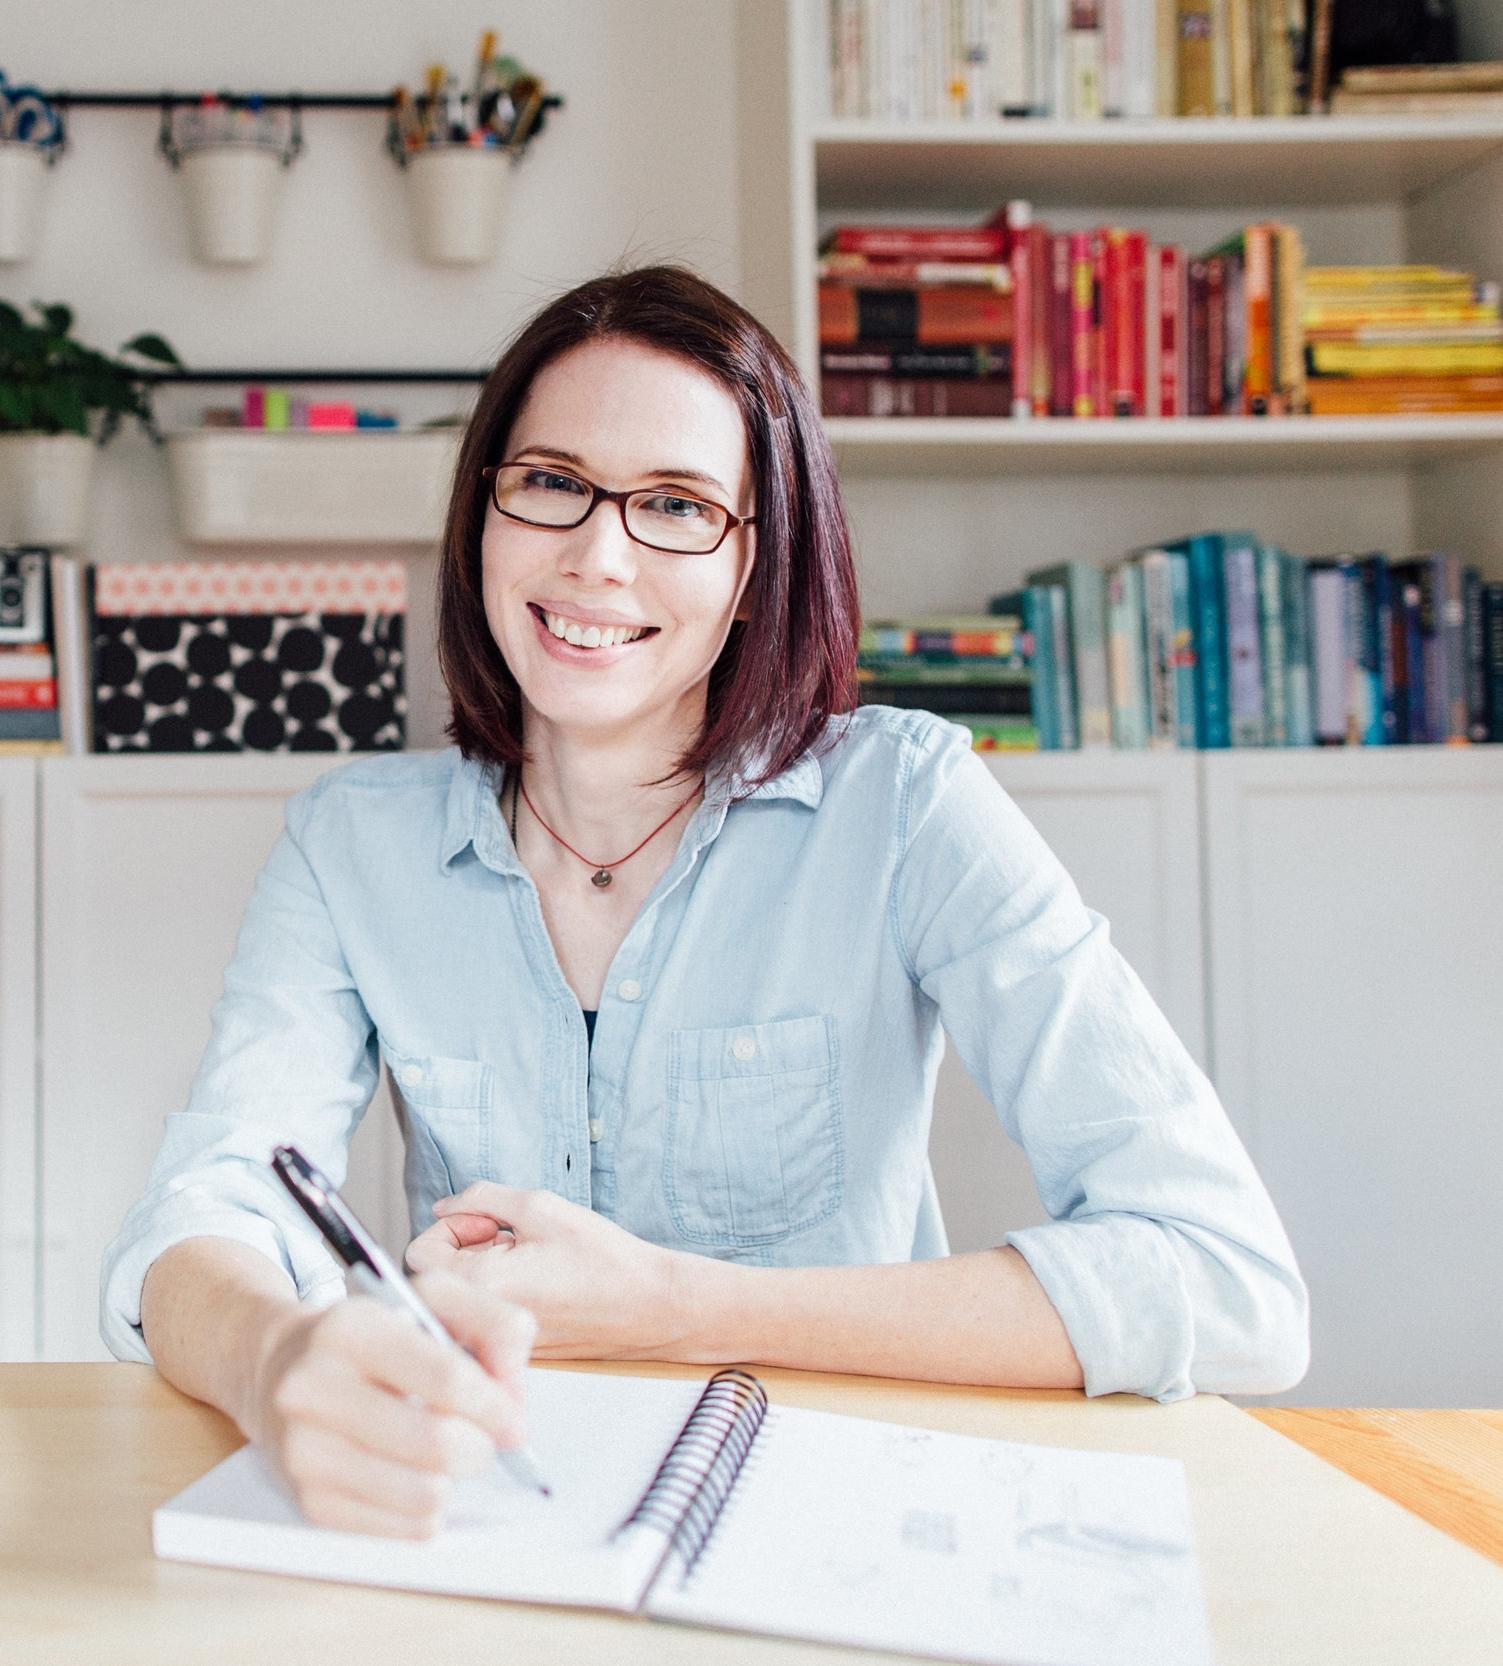 Jessie Leiber, Art Director